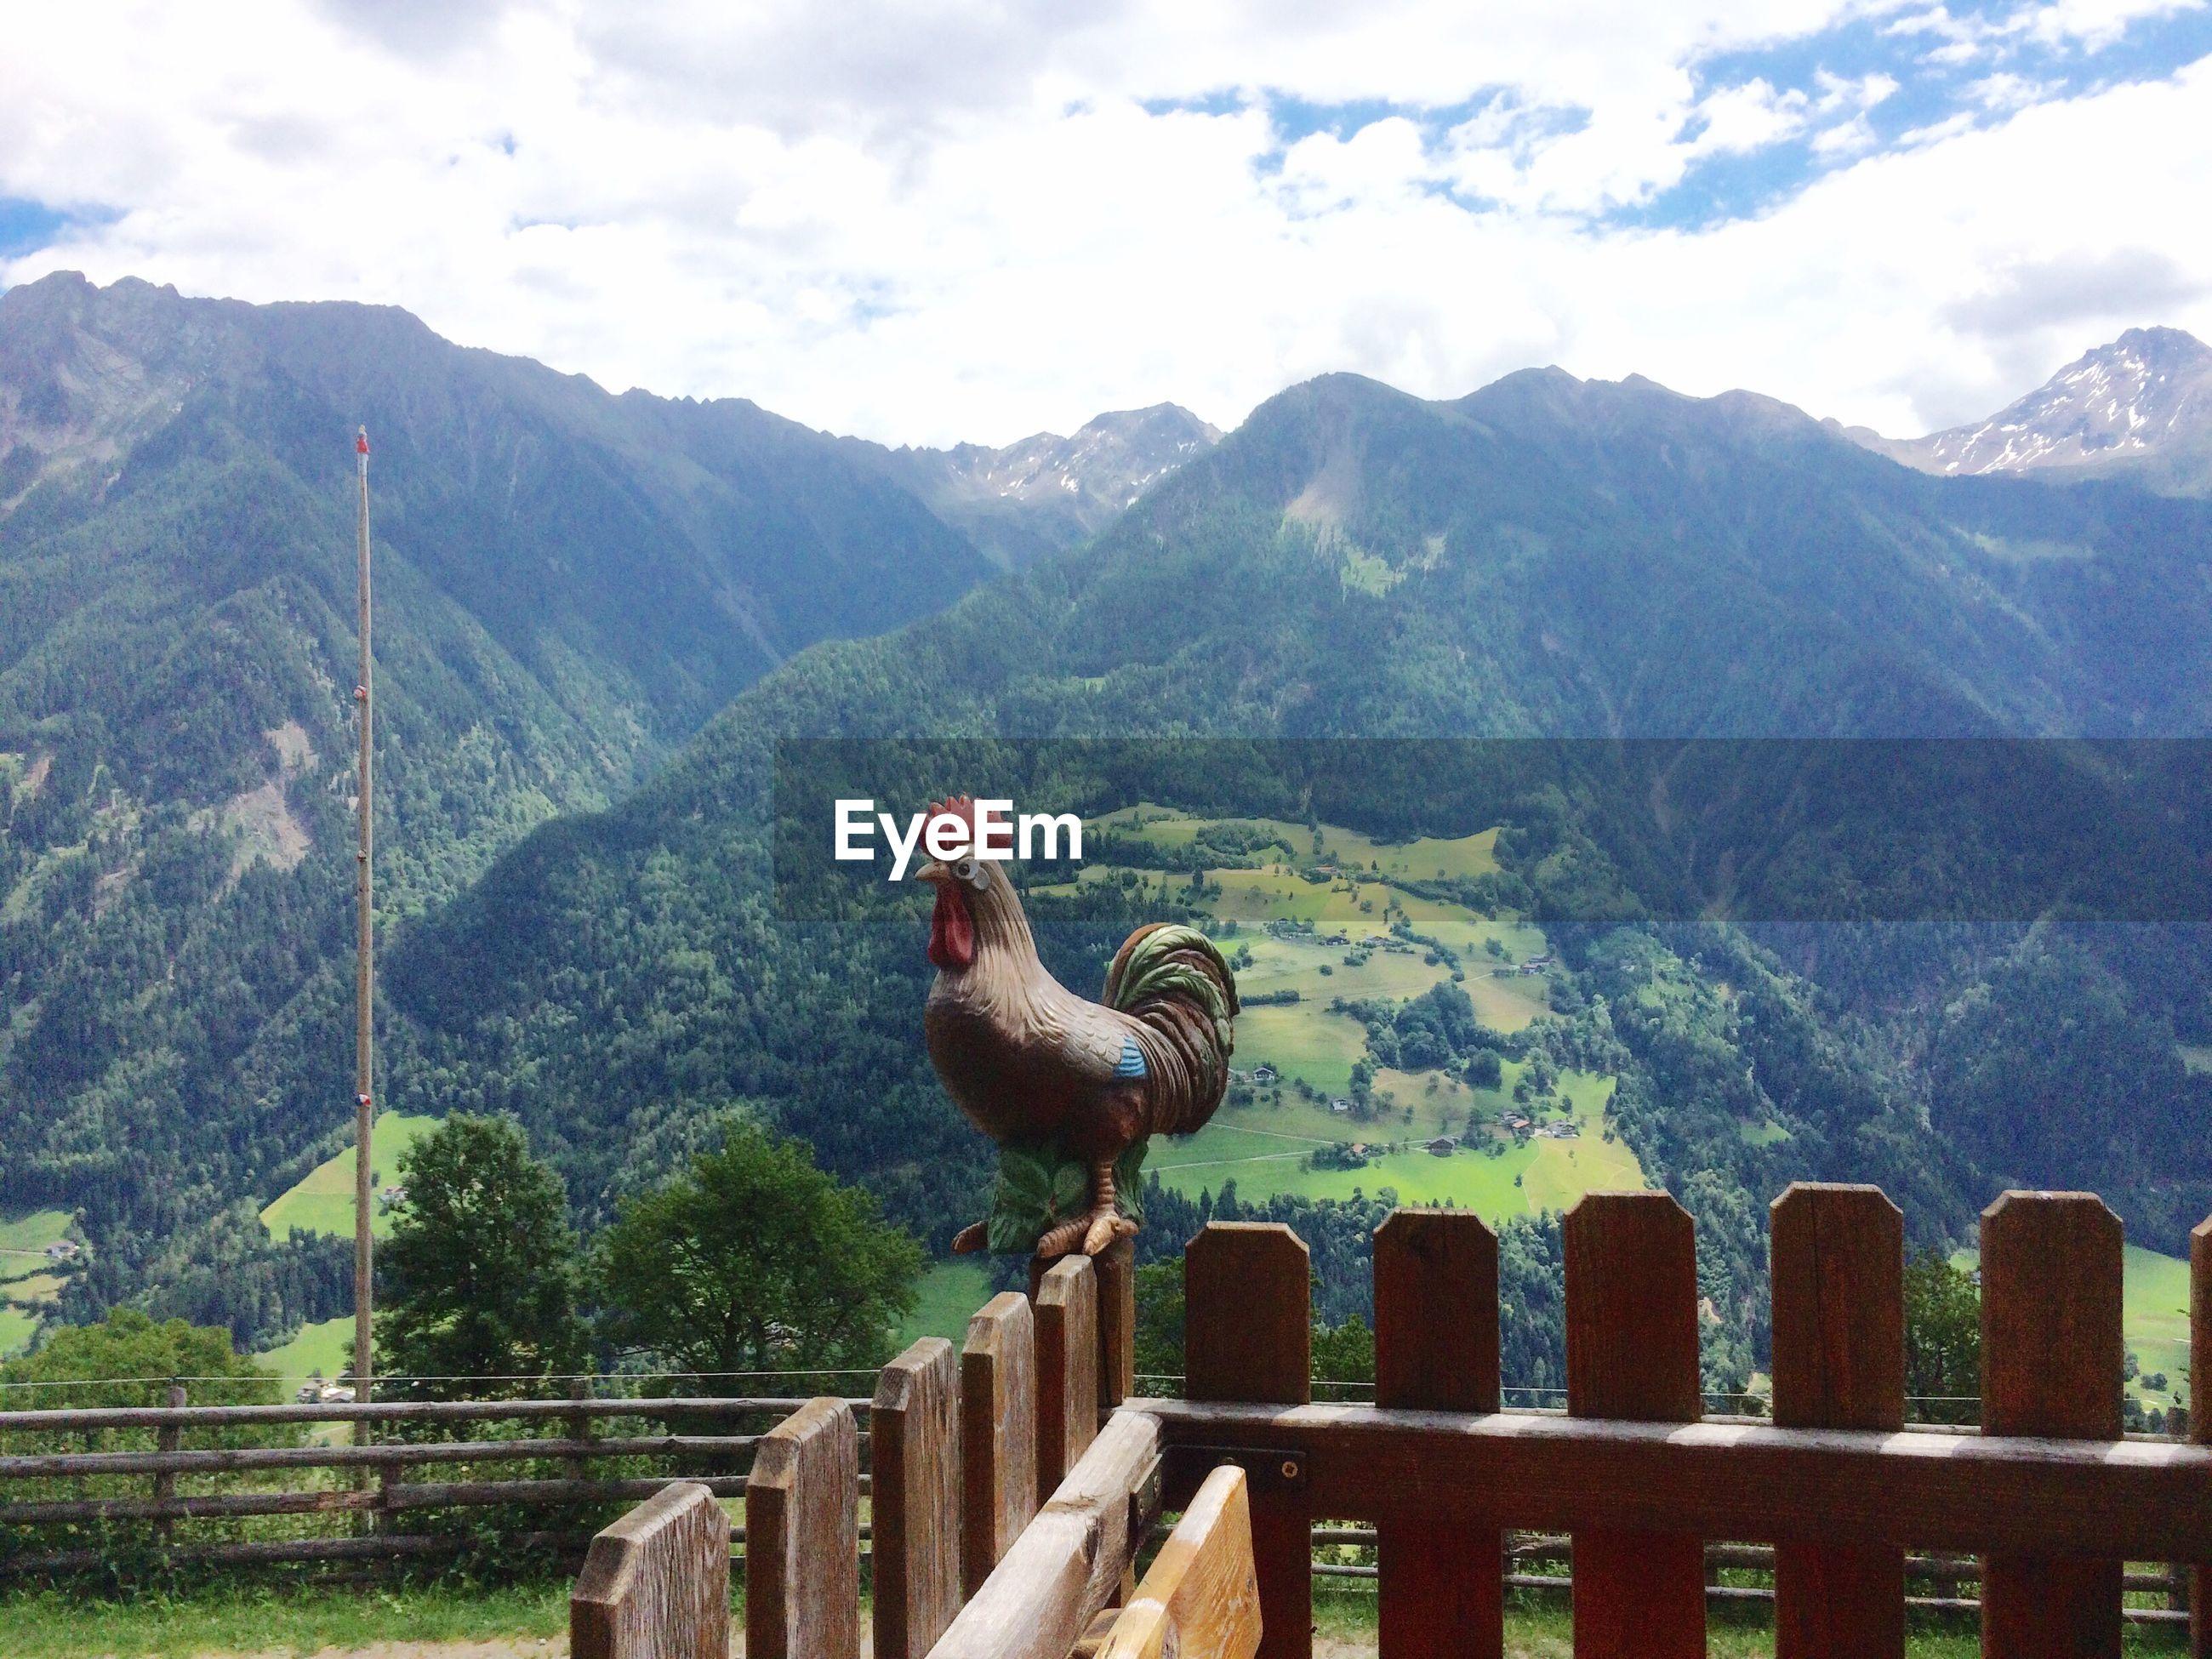 VIEW OF BIRDS ON MOUNTAIN RANGE